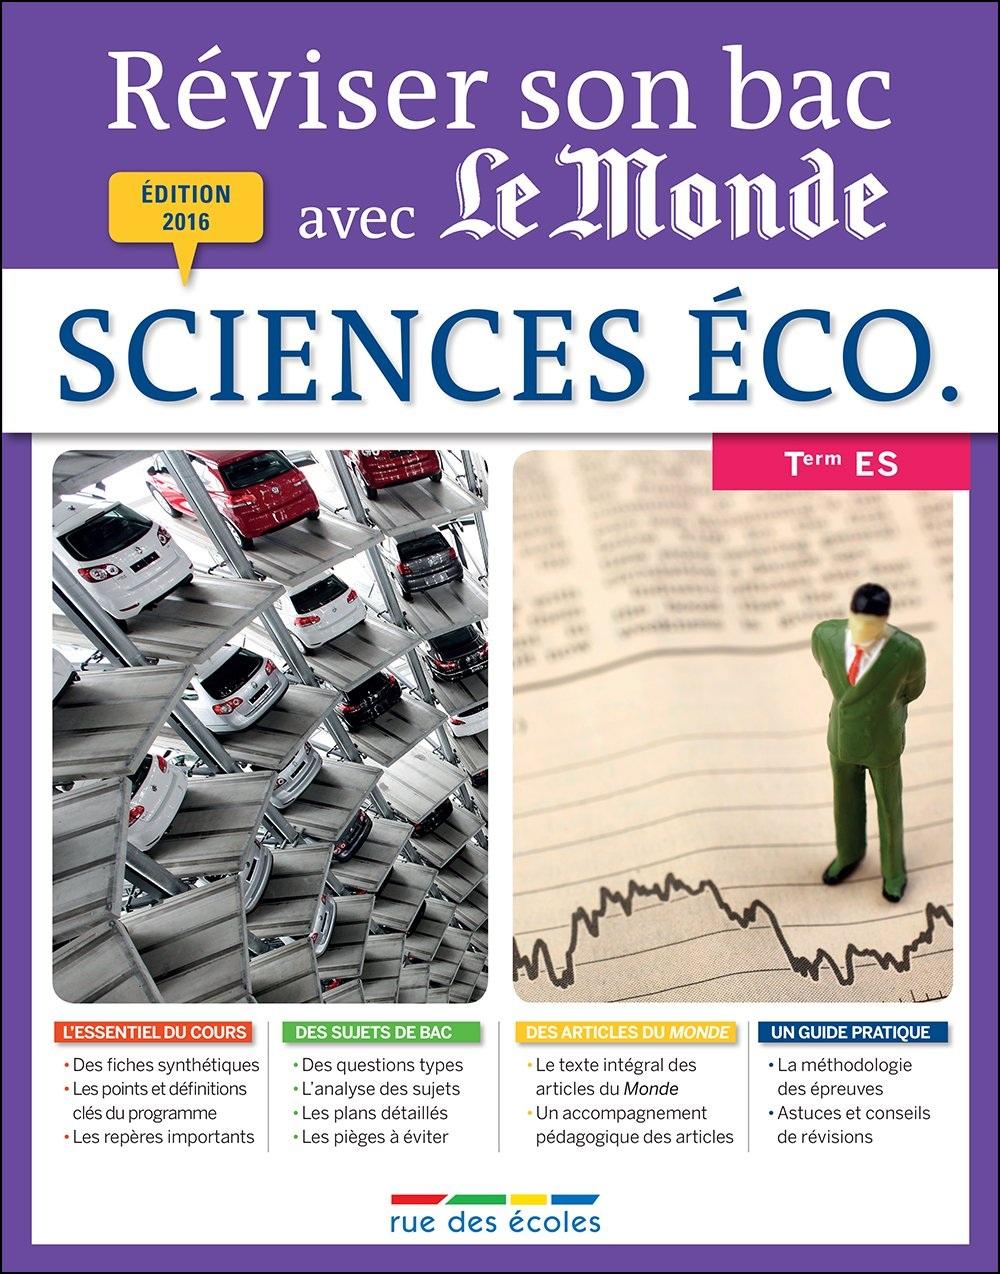 Réviser son bac avec le monde : sciences éco